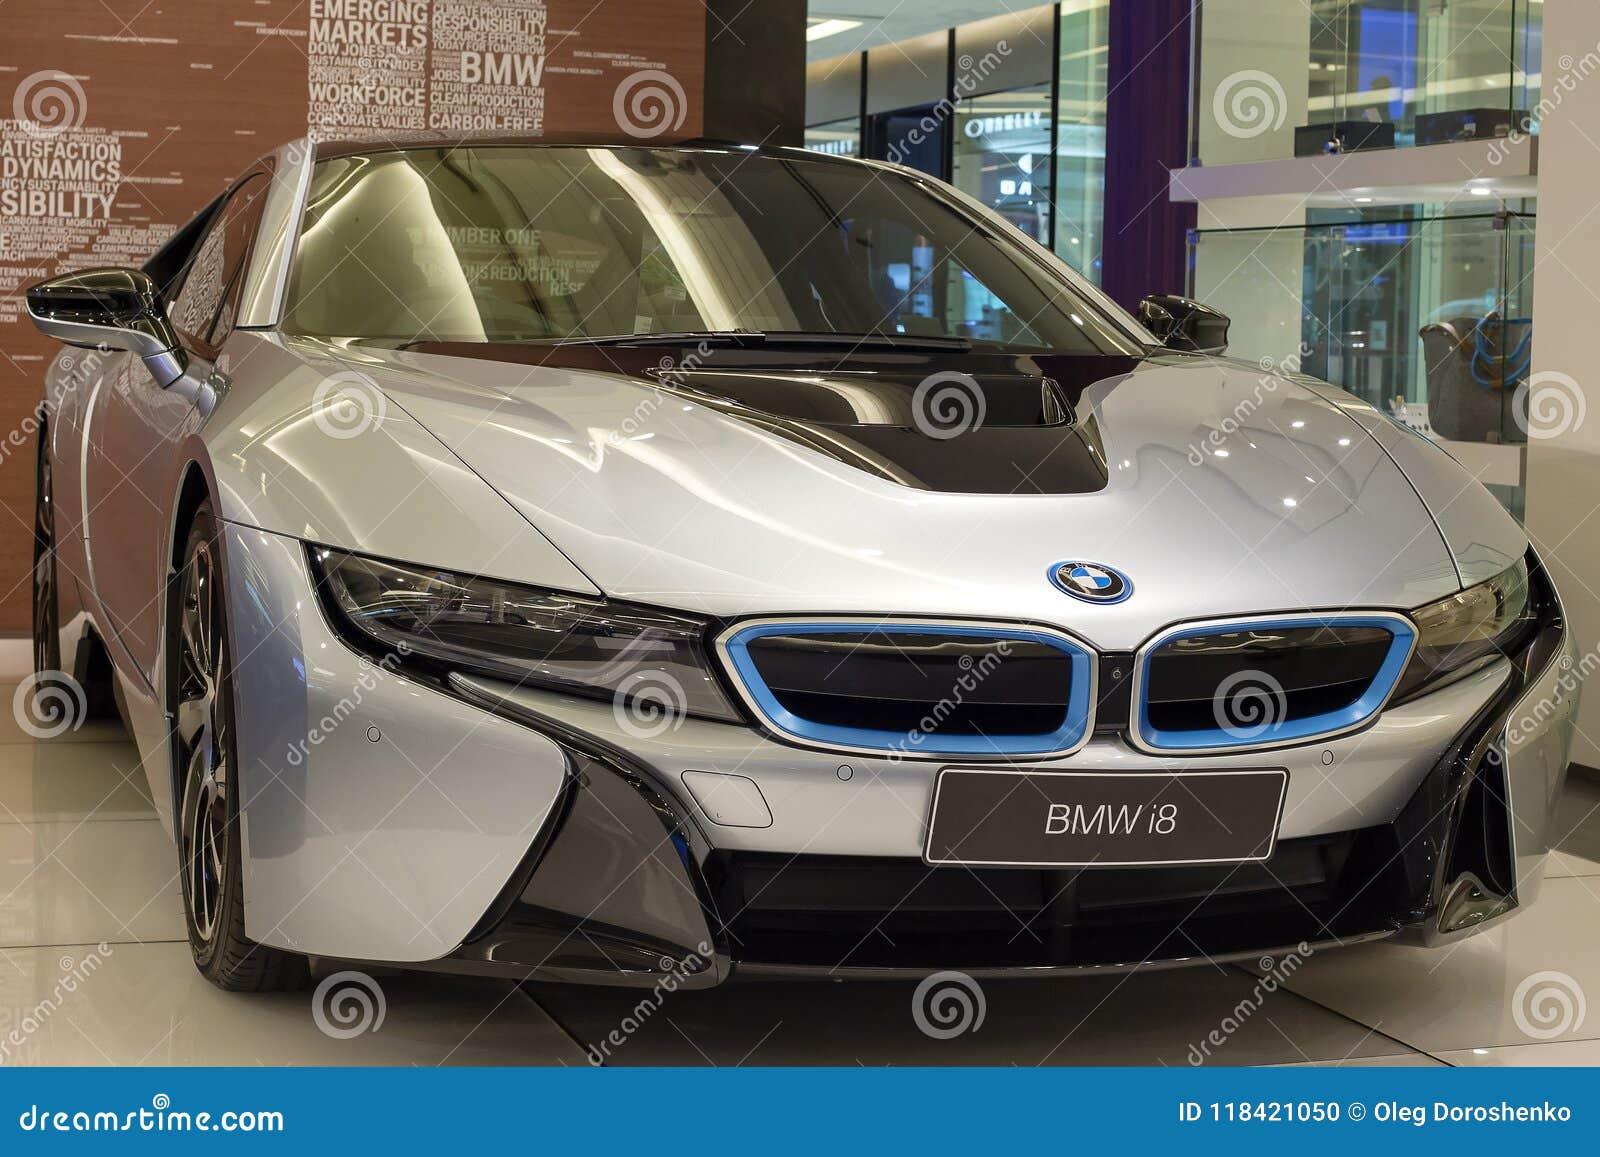 Carro De Bmw I8 Na Exposicao Em Siam Paragon Mall Em Banguecoque